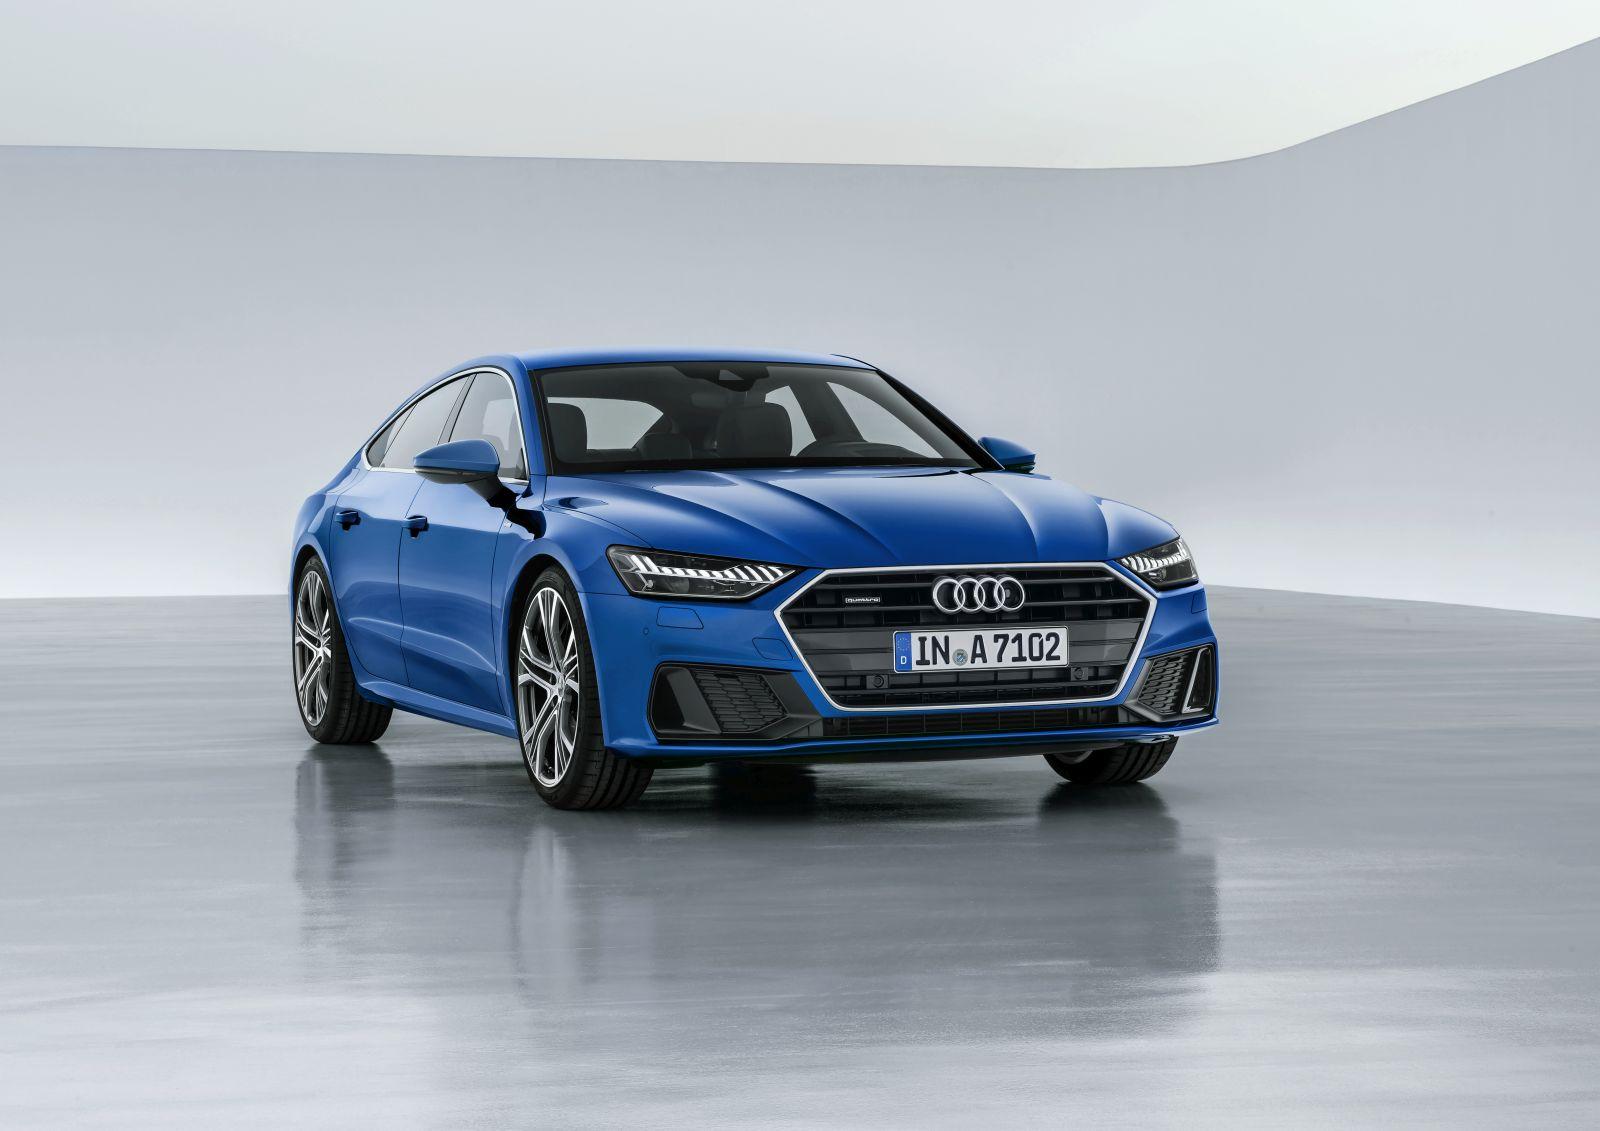 New 2018 Audi A7 Sportback Images Features Tech Specs Fuel